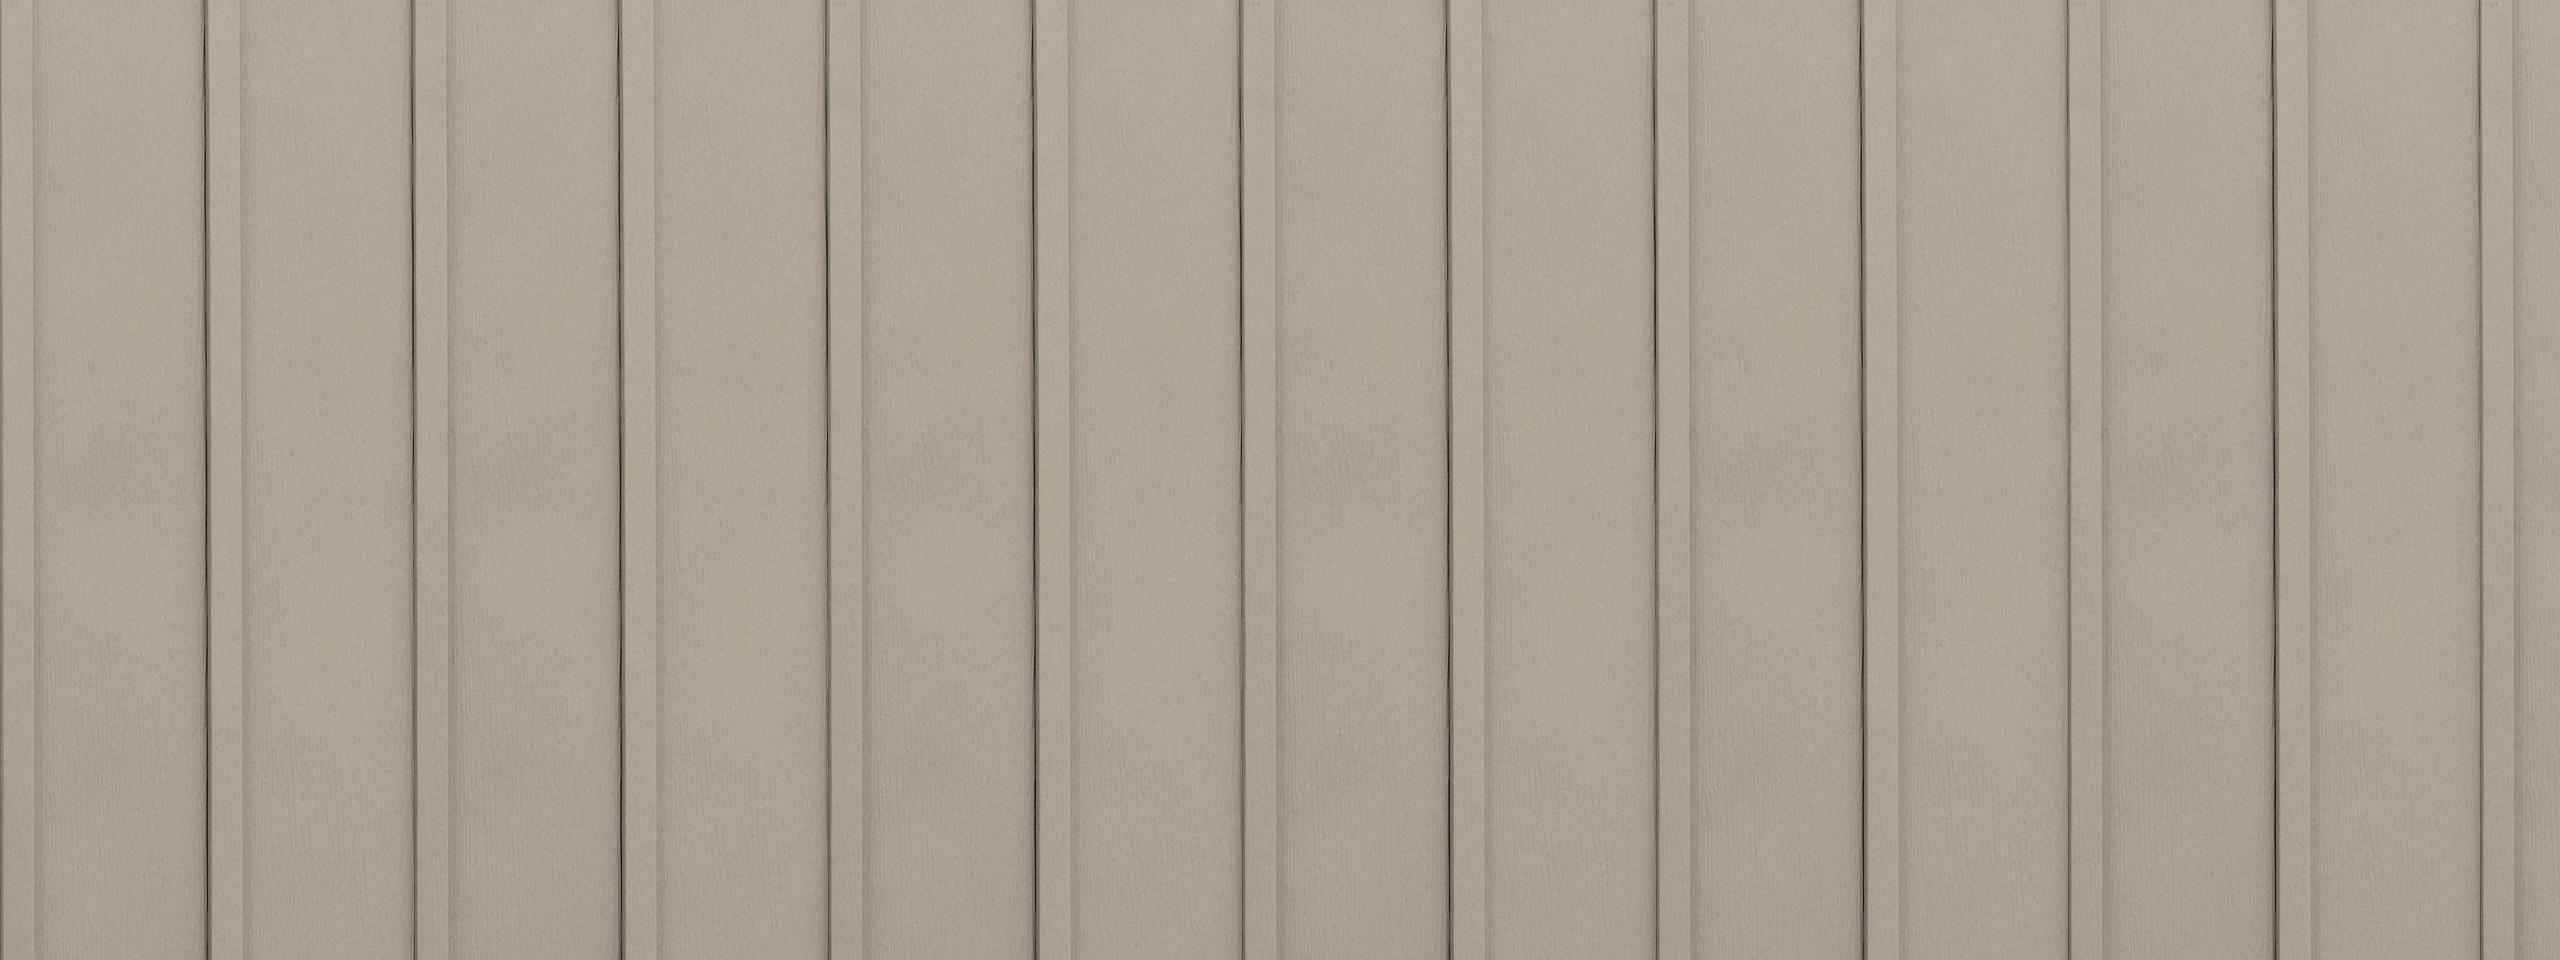 Entex vertical wickertone board and batten steel siding